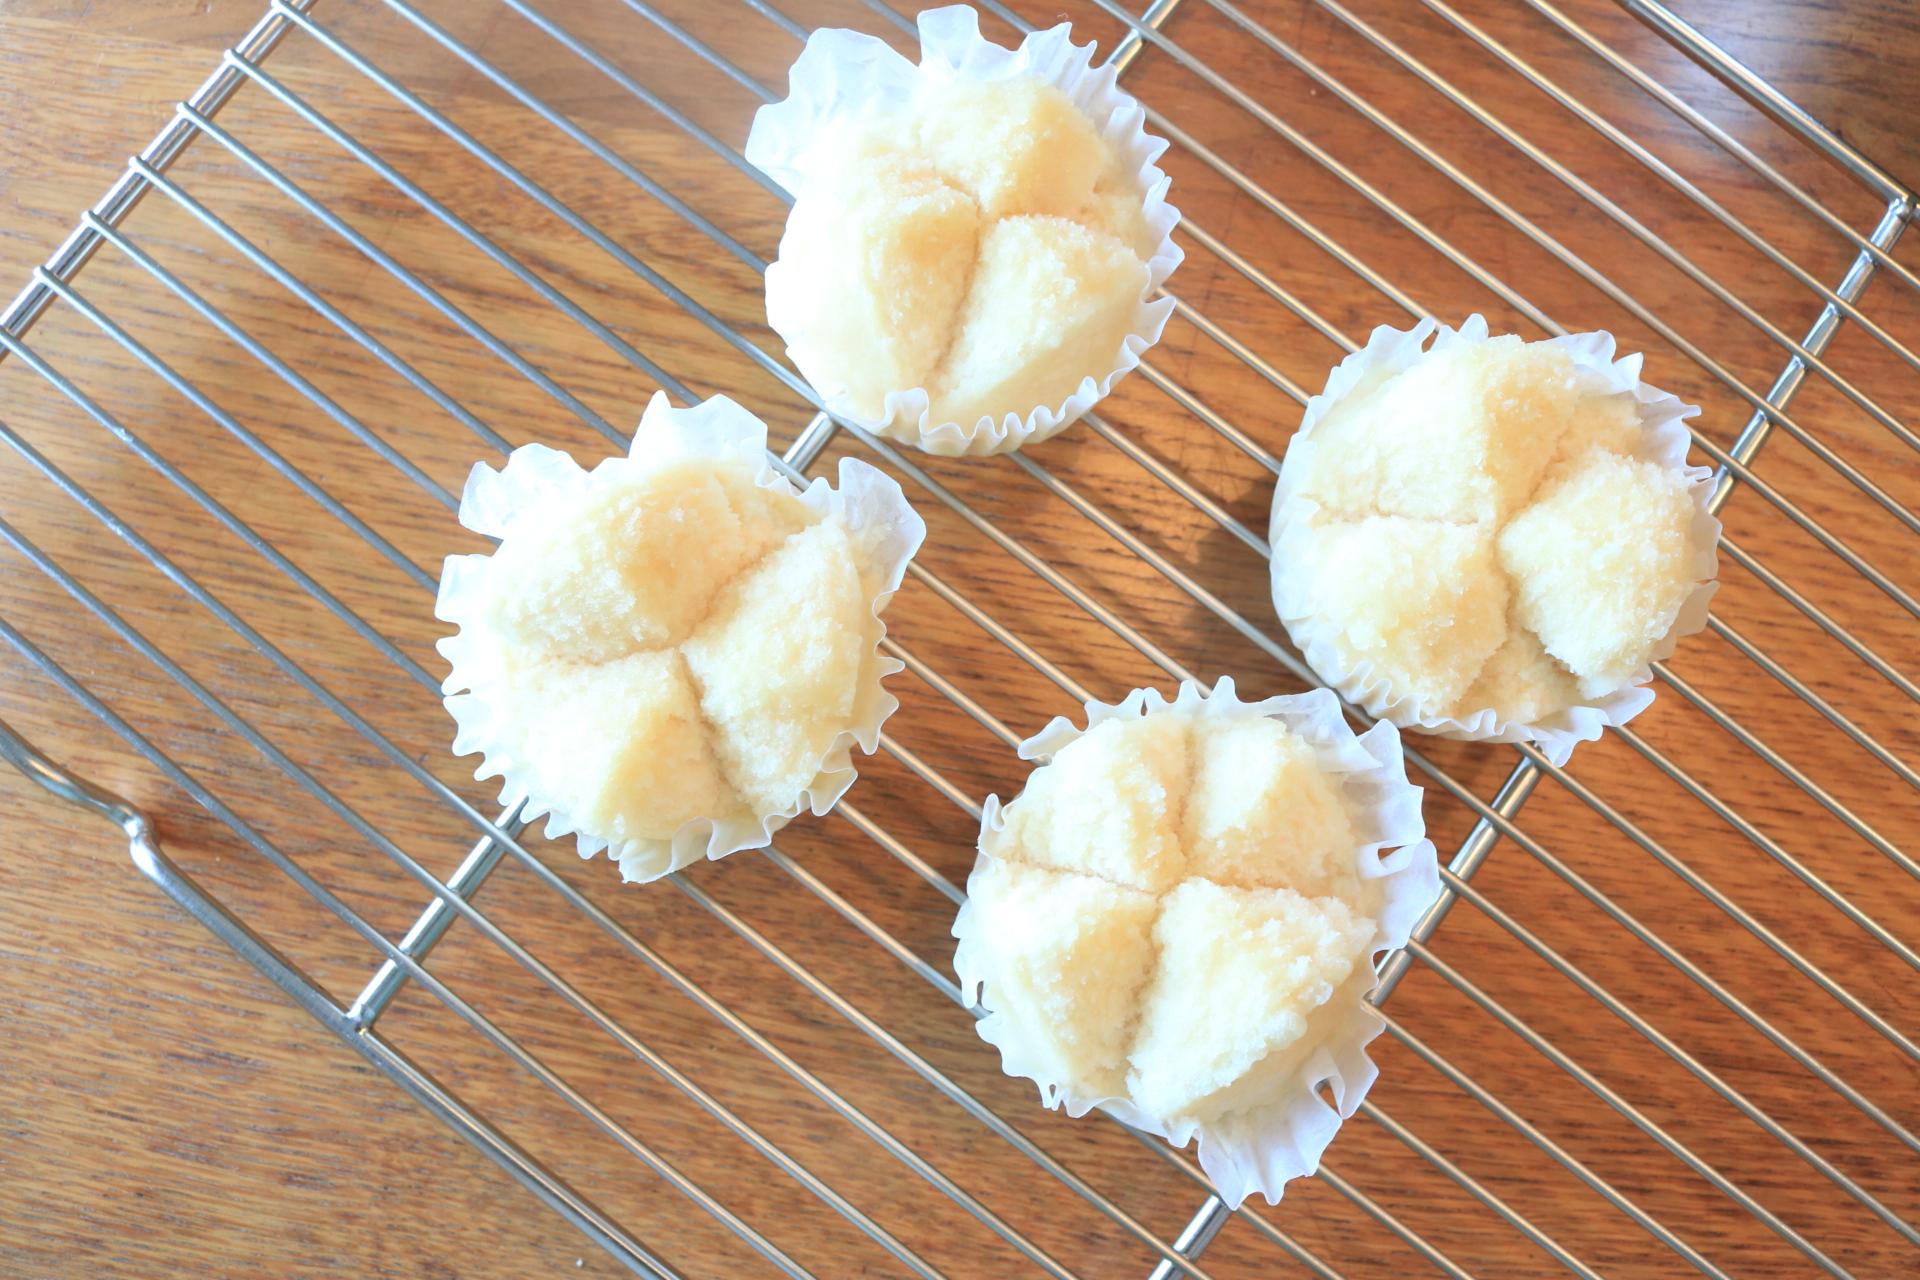 米粉 蒸し パン レシピ